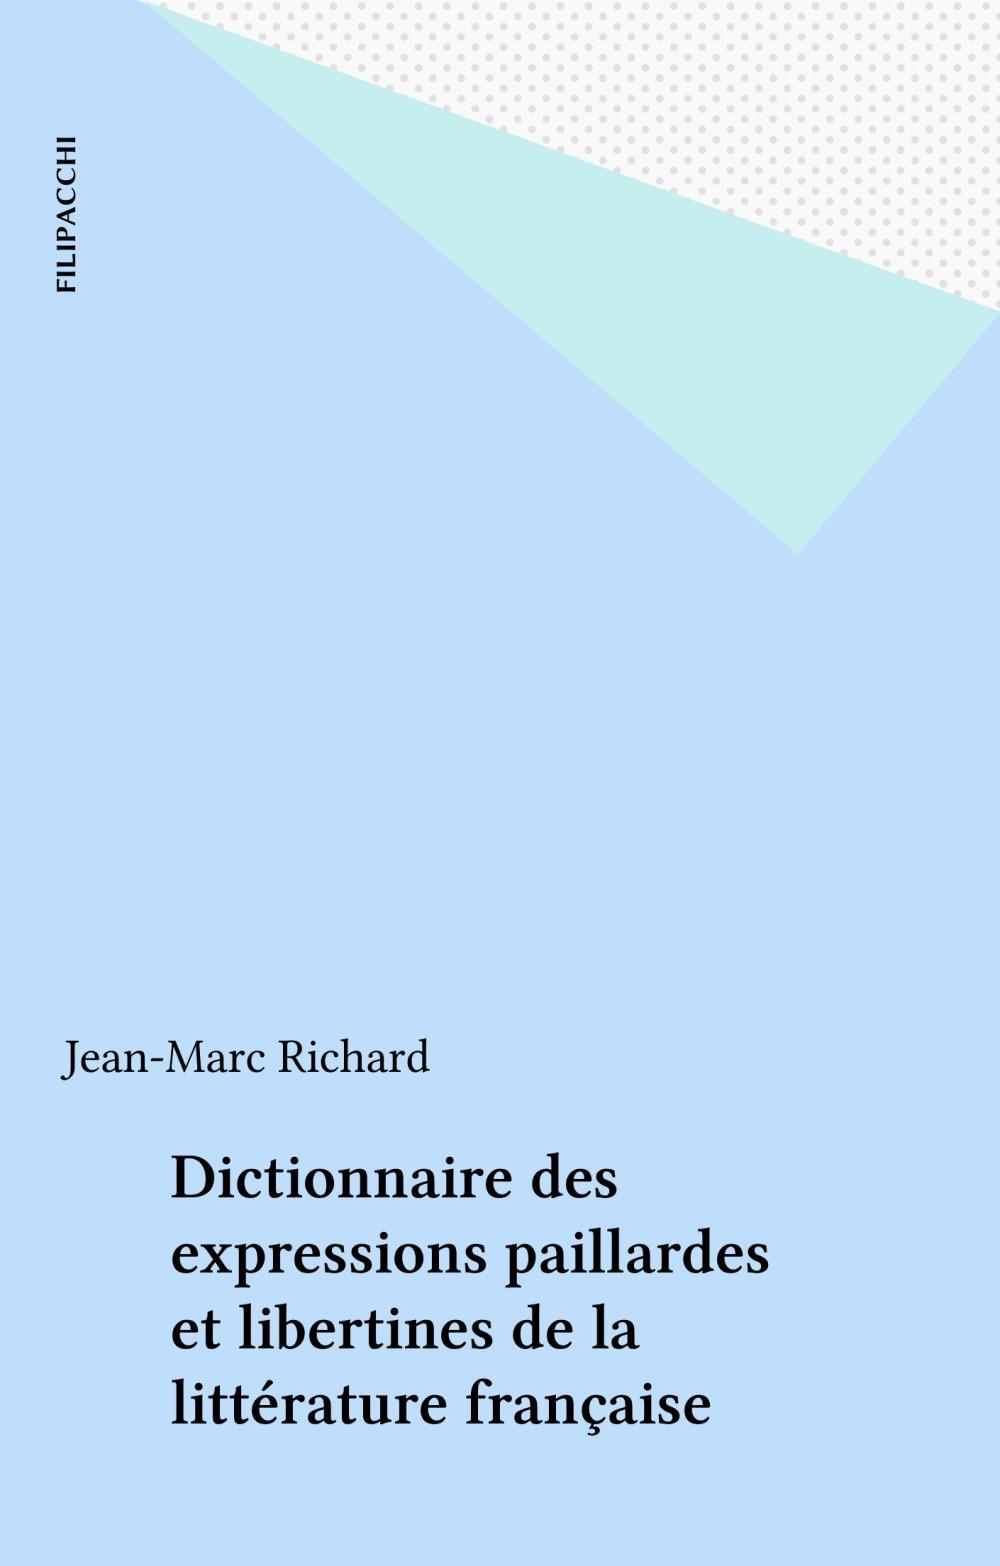 Dictionnaire des expressions paillardes et libertines de la litterature francais